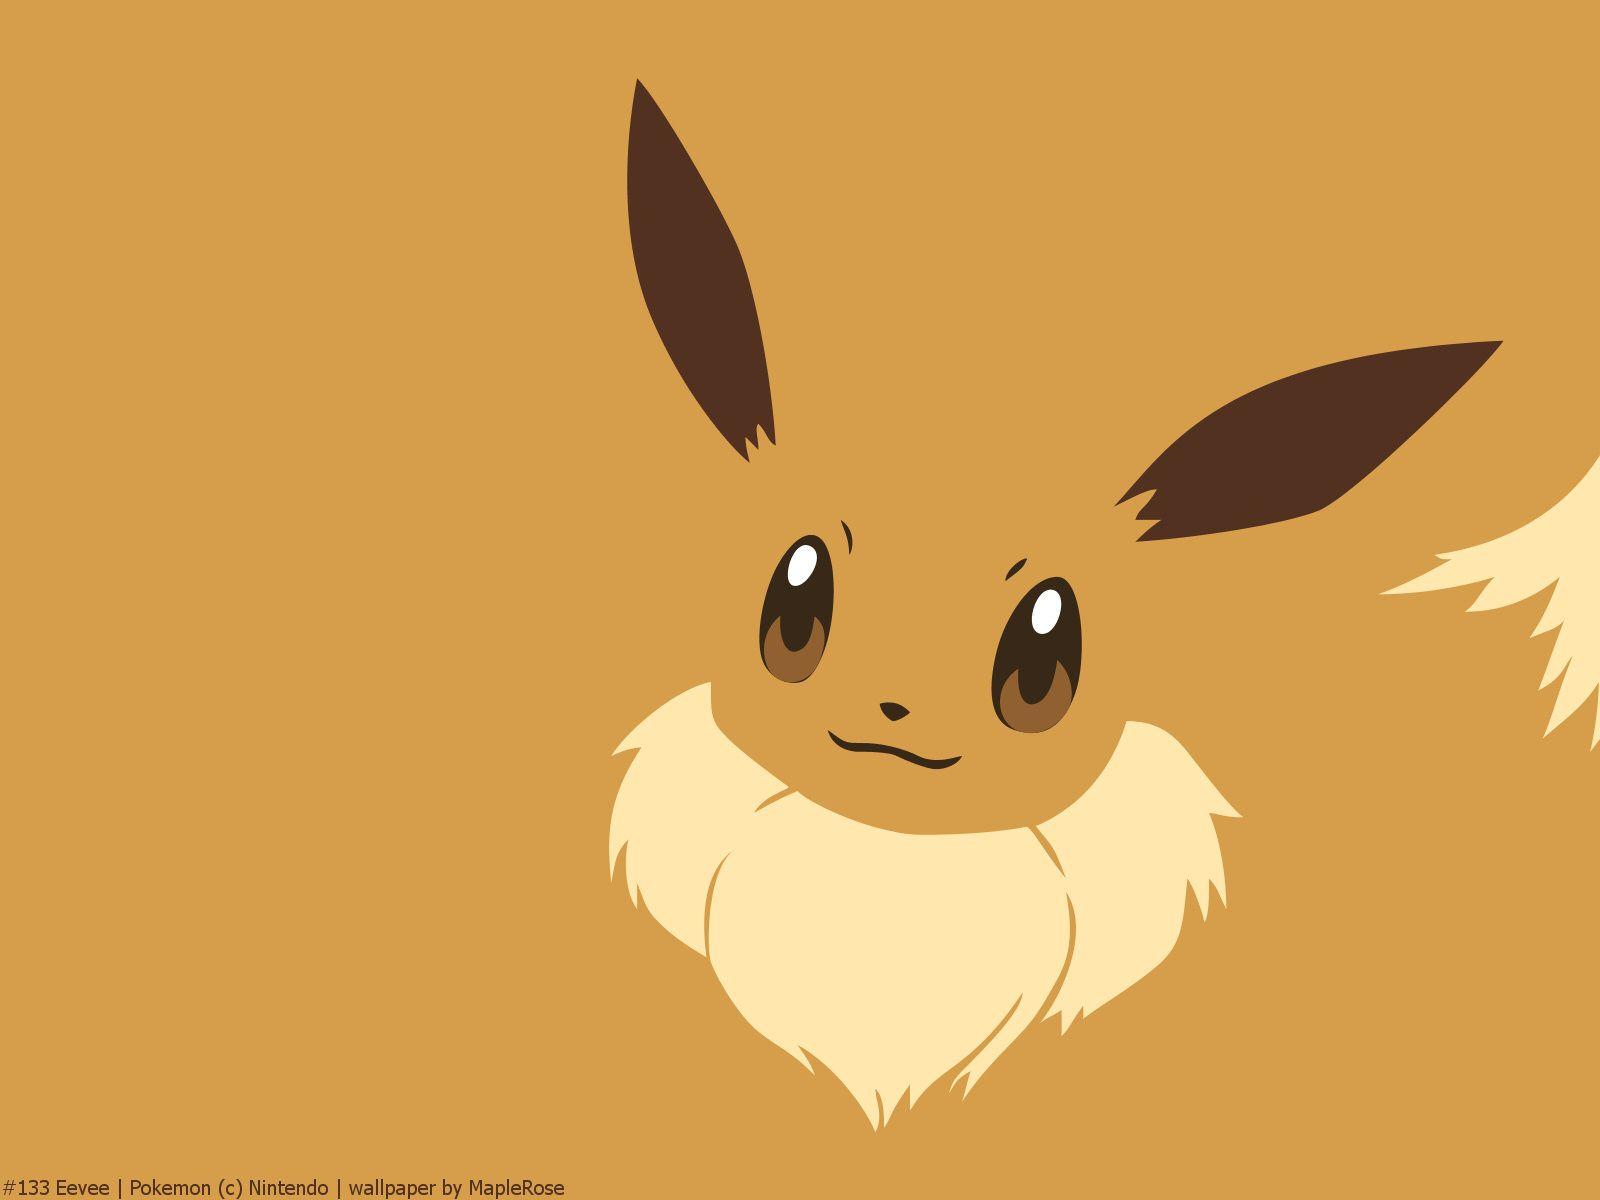 Pokemon Eevee Wallpapers 1600x1200